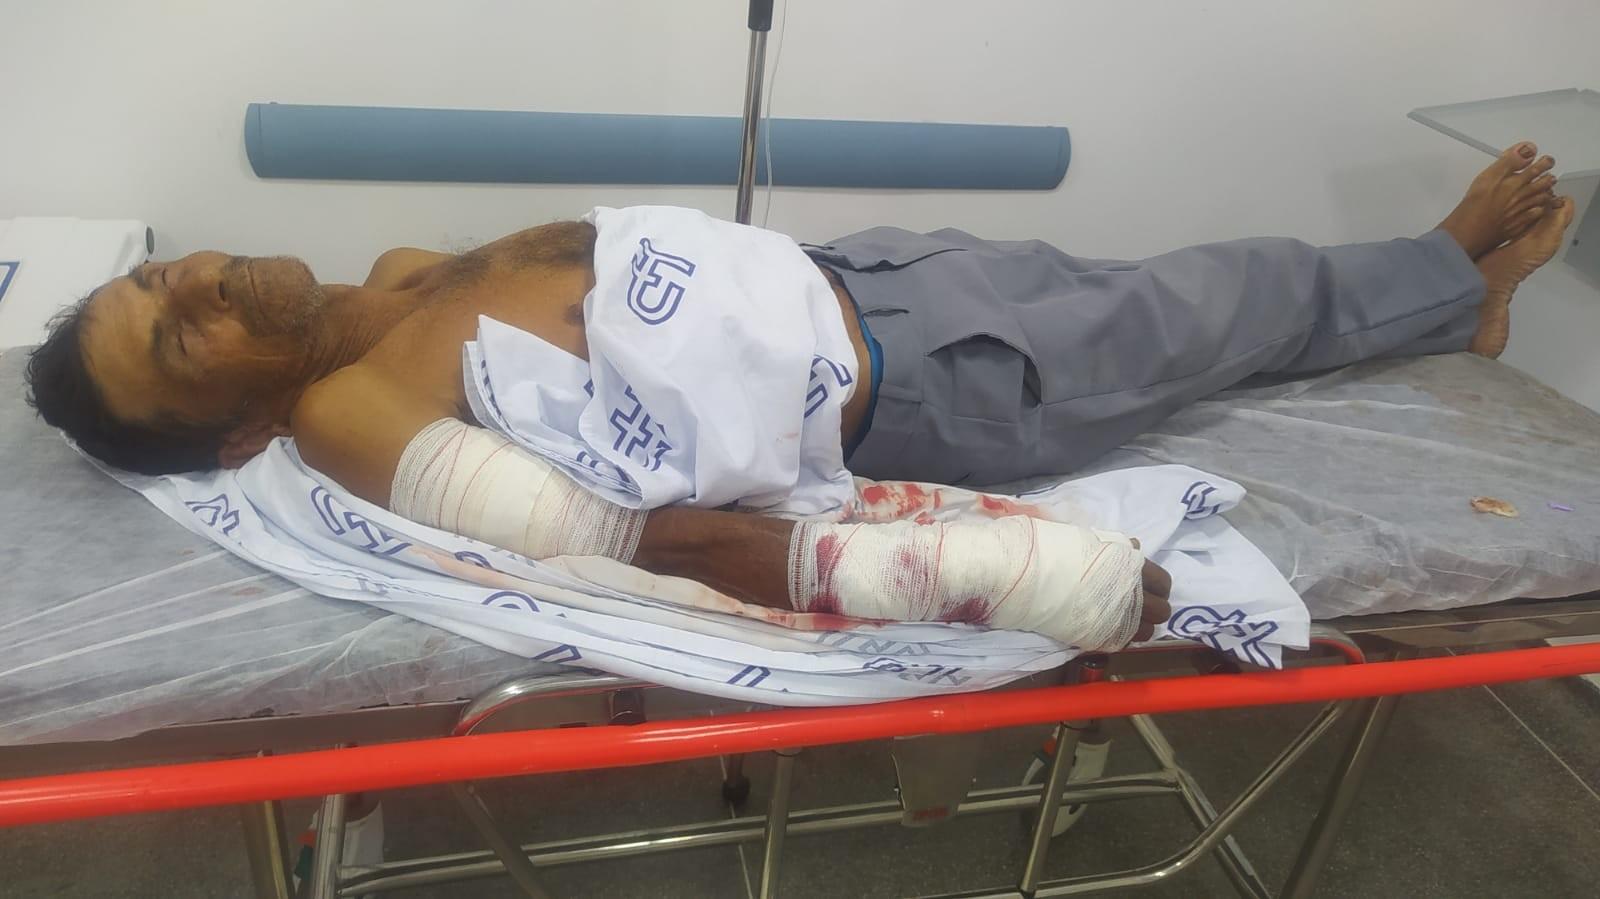 Idoso leva mais de 20 pontos no braço após ser atacado por cão da raça pitbull na Bahia: 'Já atacou e matou um cachorro'